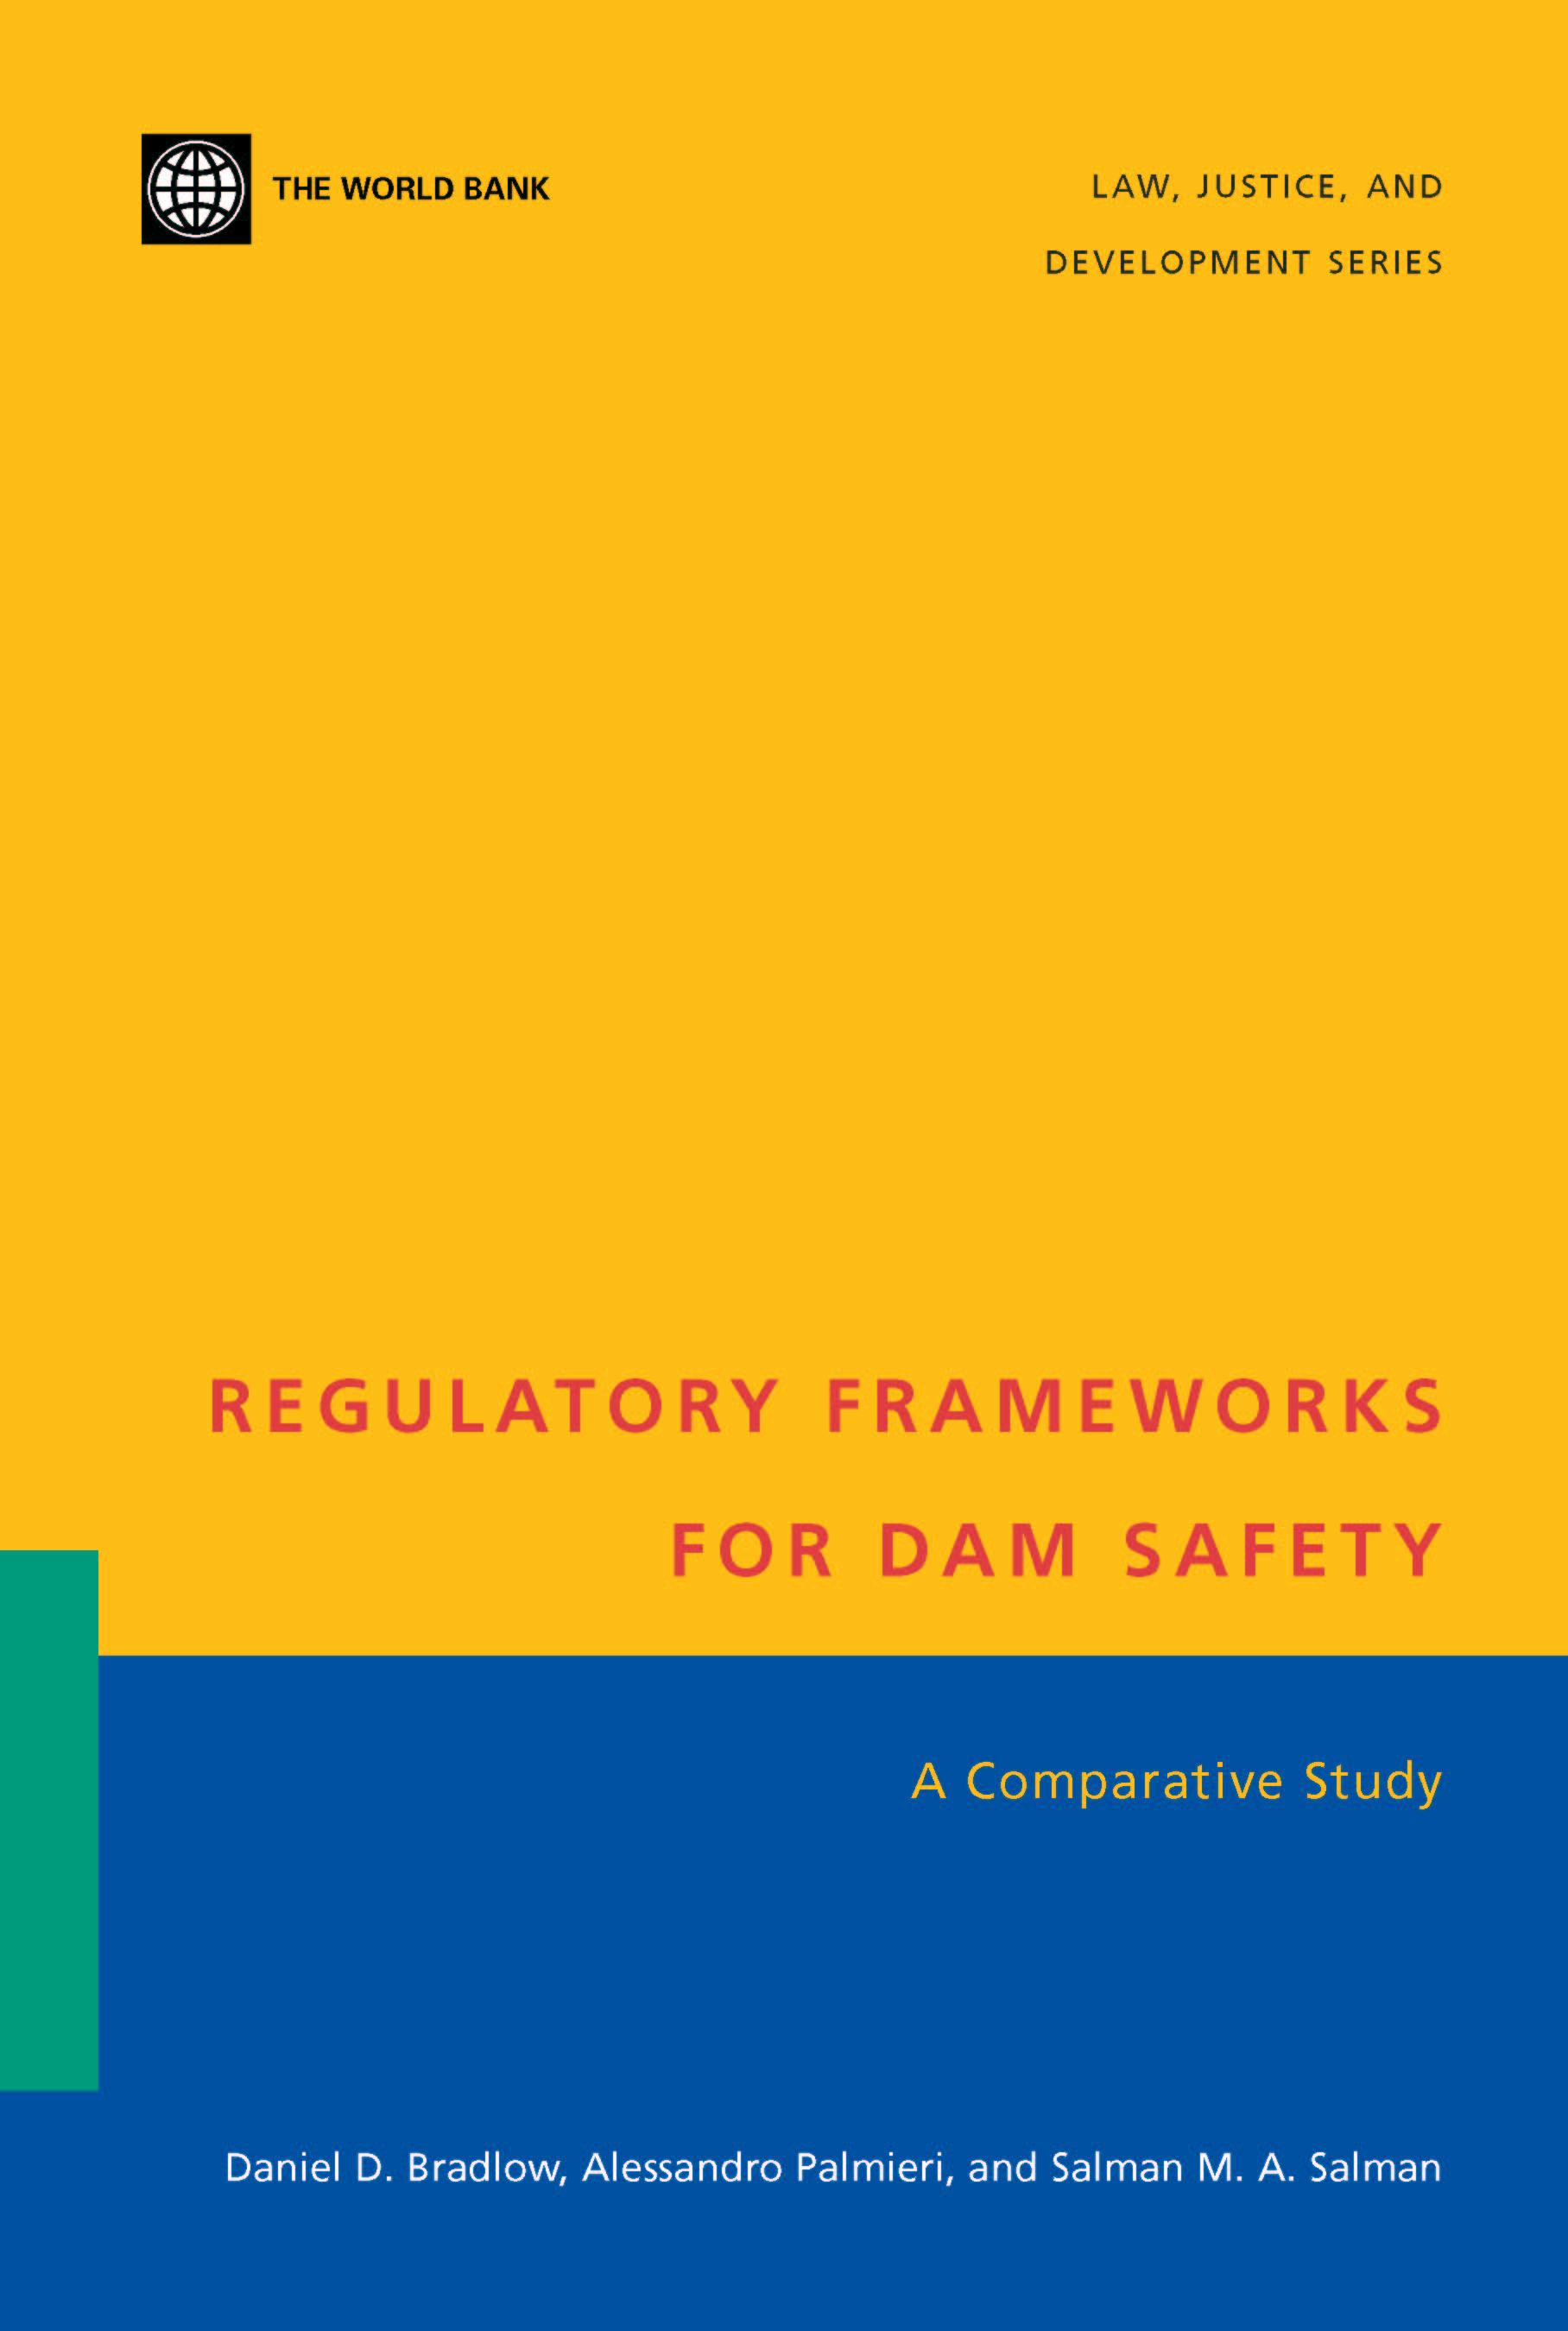 Regulatory Frameworks for Dam Safety: A Comparative Study EB9780821351925